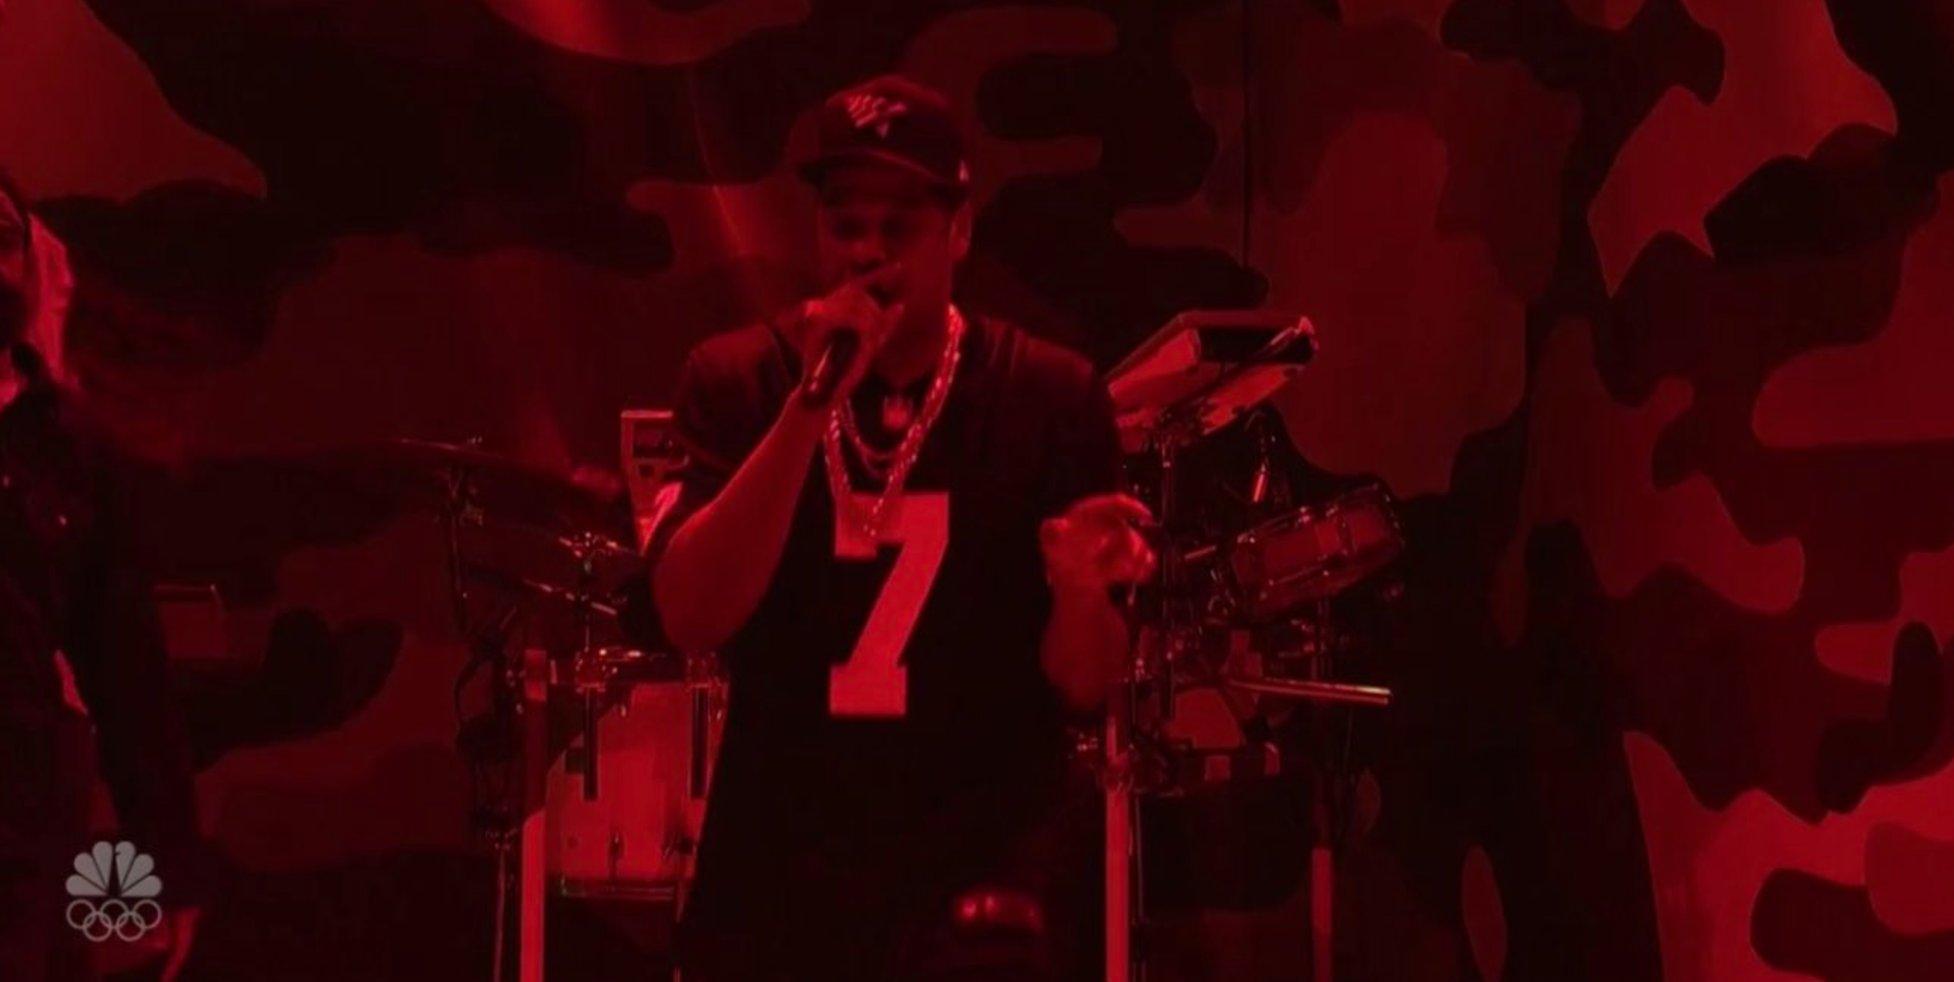 Jay Z rocking custom Kap jersey on #SNL �� https://t.co/GHAsz58KmS